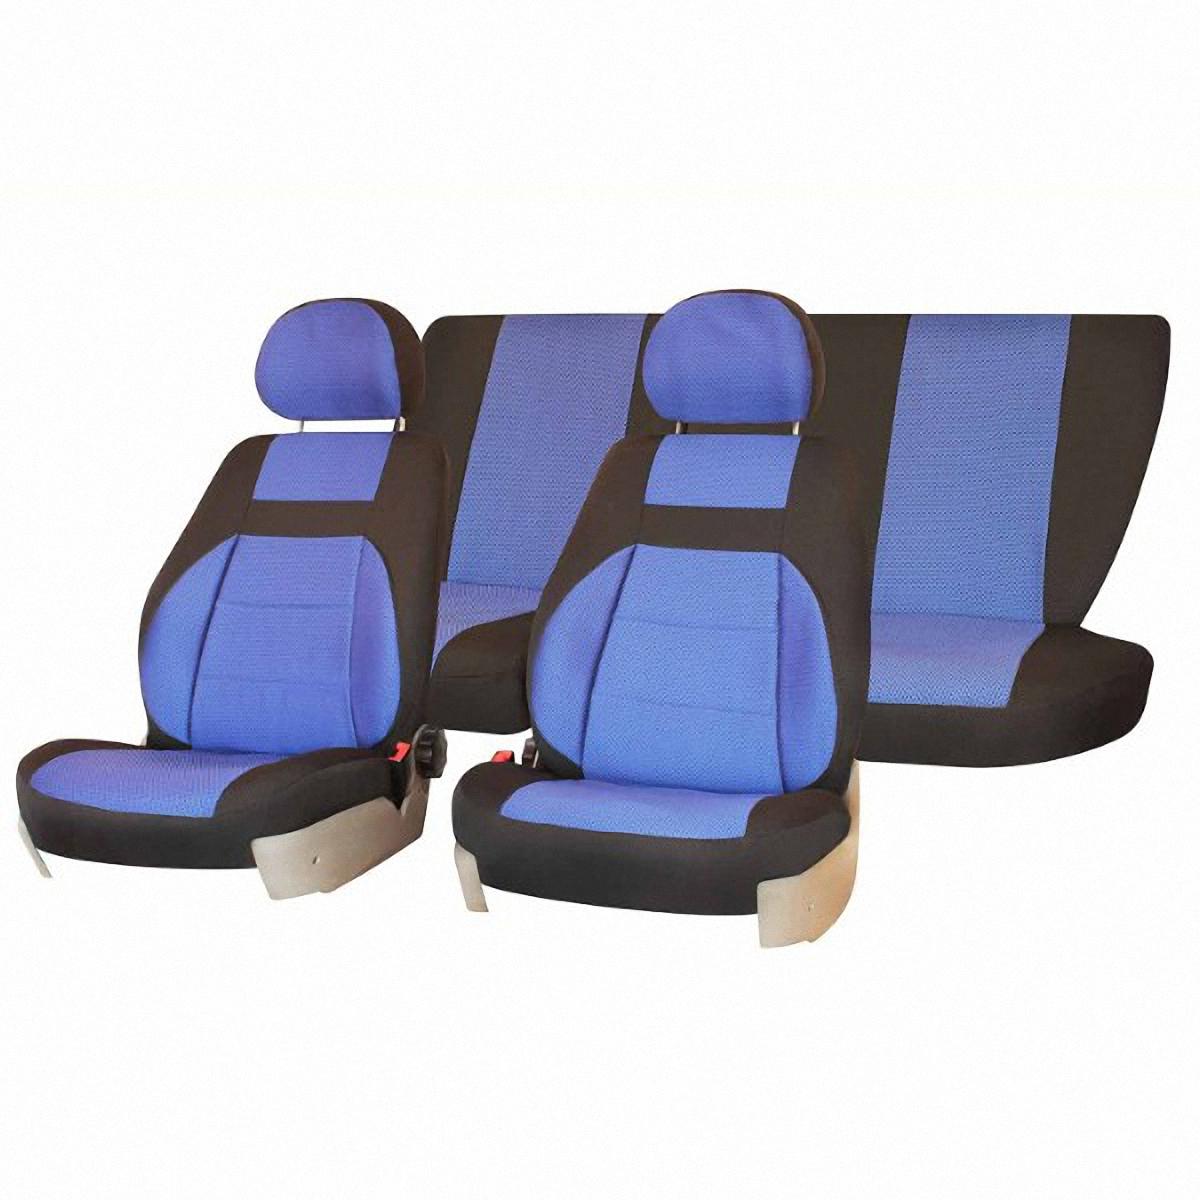 Чехлы автомобильные Skyway, для ВАЗ-2109/21099, цвет: синийВетерок 2ГФАвтомобильные чехлы Skyway изготовлены из качественного жаккарда. Чехлы идеально повторяют штатную форму сидений и выглядят как оригинальная обивка сидений. Разработаны индивидуально для каждой модели автомобиля. Авточехлы Skyway просты в уходе - загрязнения легко удаляются влажной тканью. Чехлы имеют раздельную схему надевания. В комплекте 8 предметов.